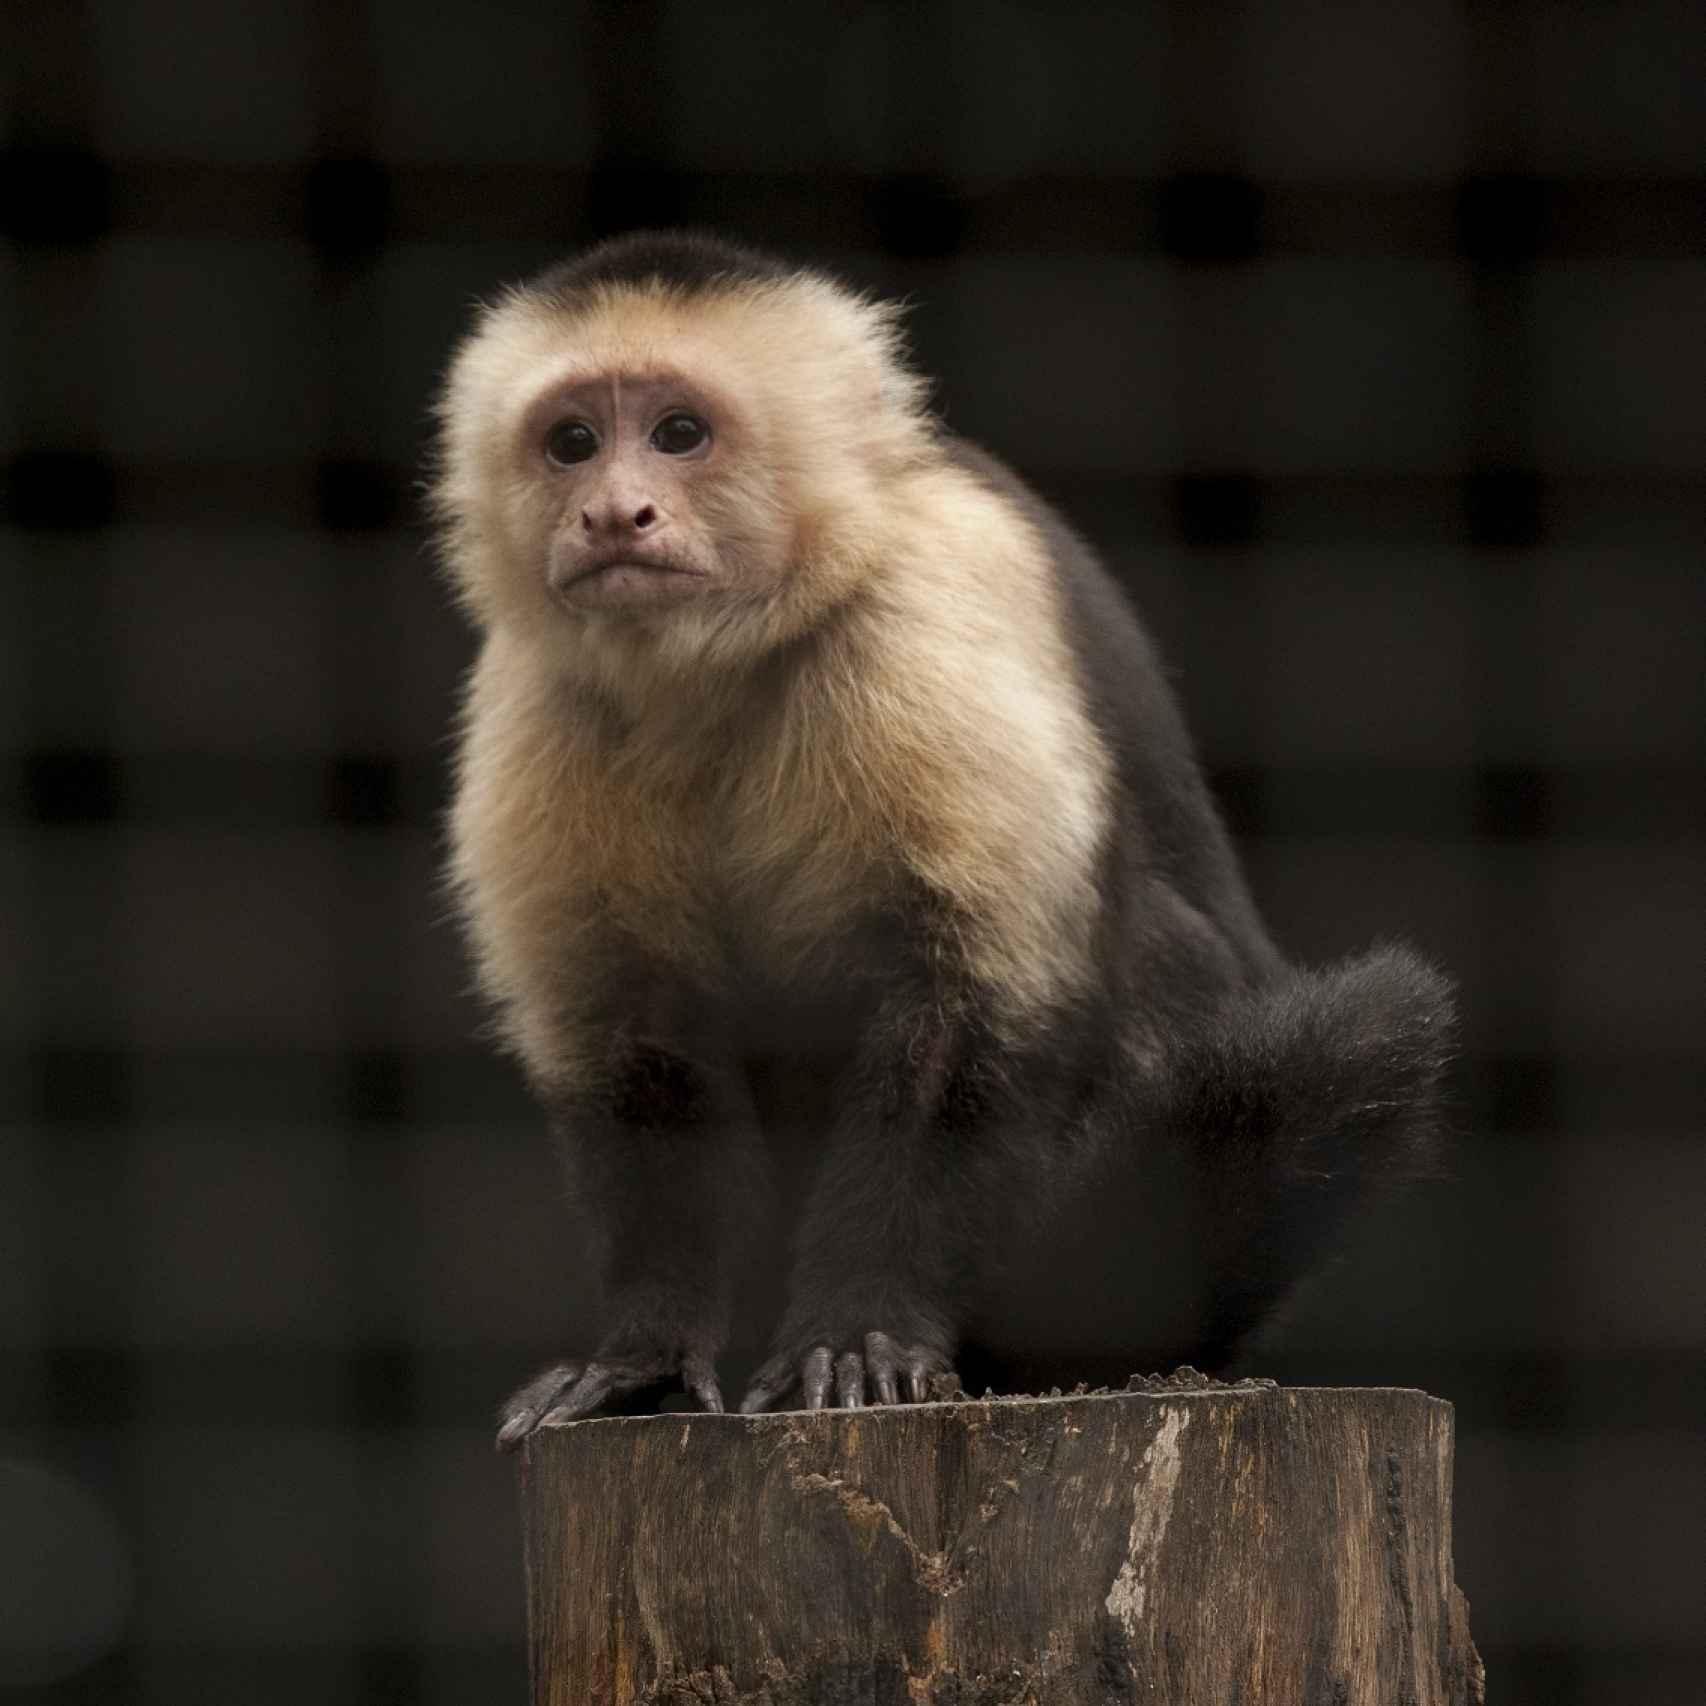 Un ejemplar de mono capuchino, pariente contemporáneo de los platirrinos.